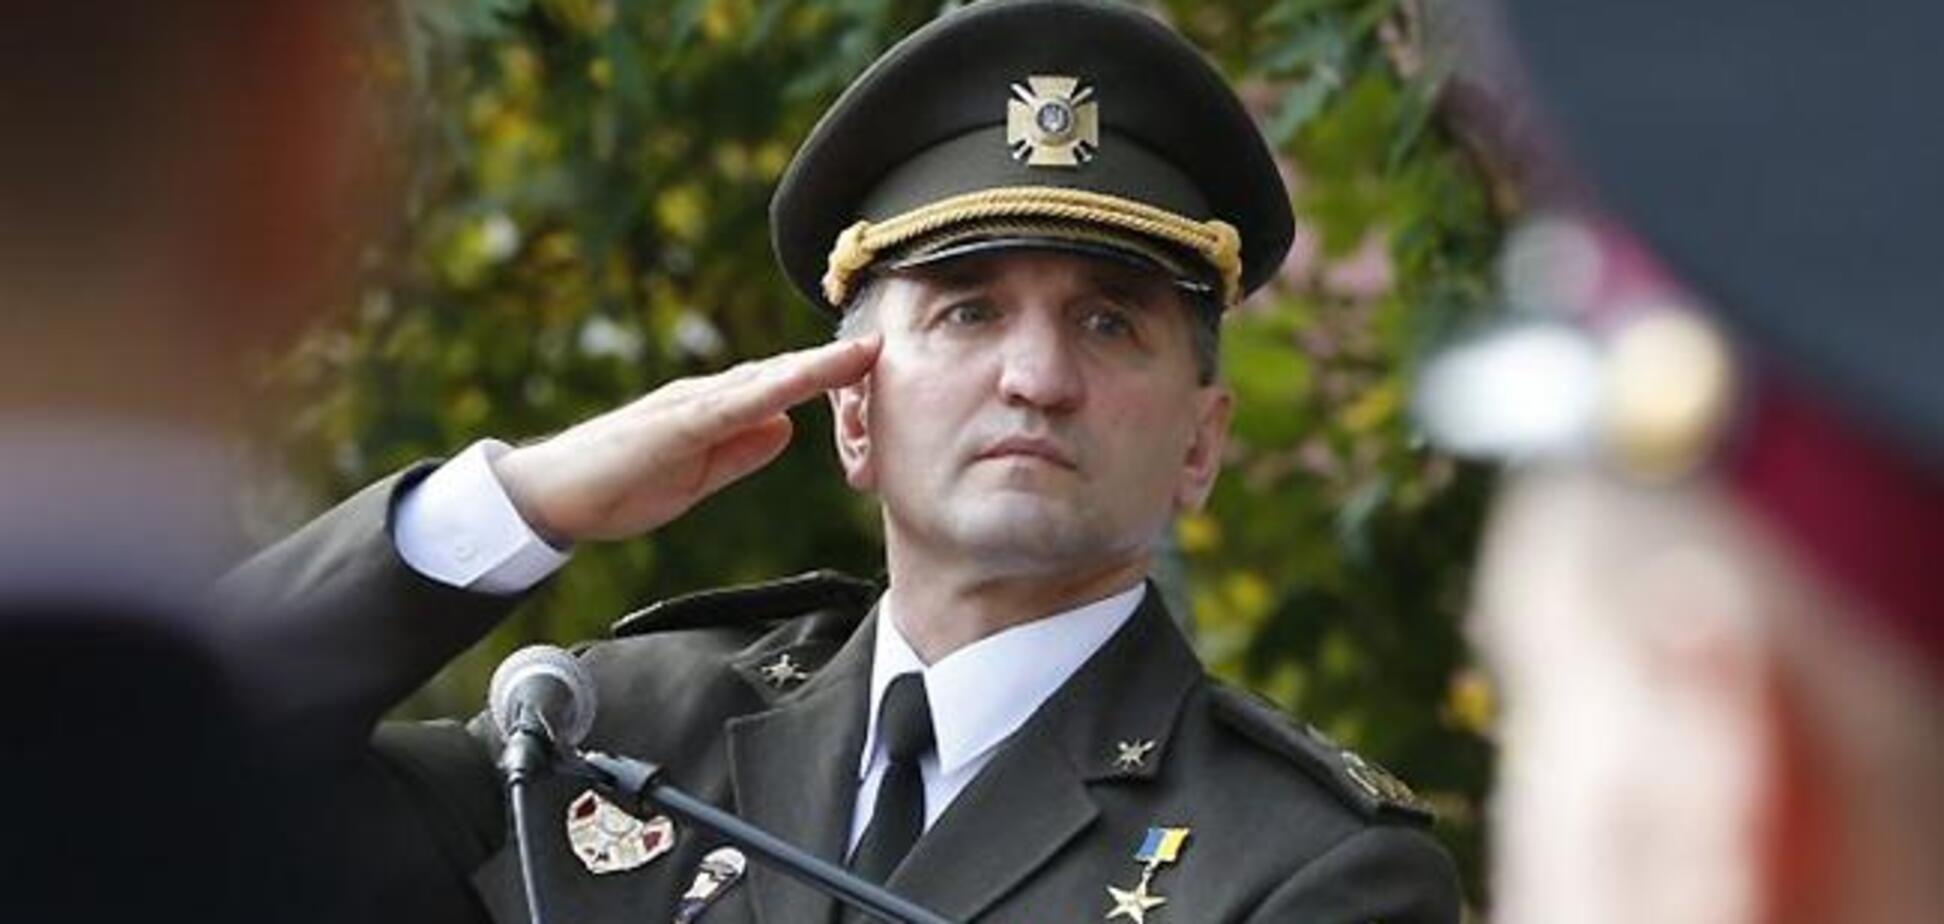 Было трогательно: в посольстве США стали на колени перед легендарным генералом ВСУ